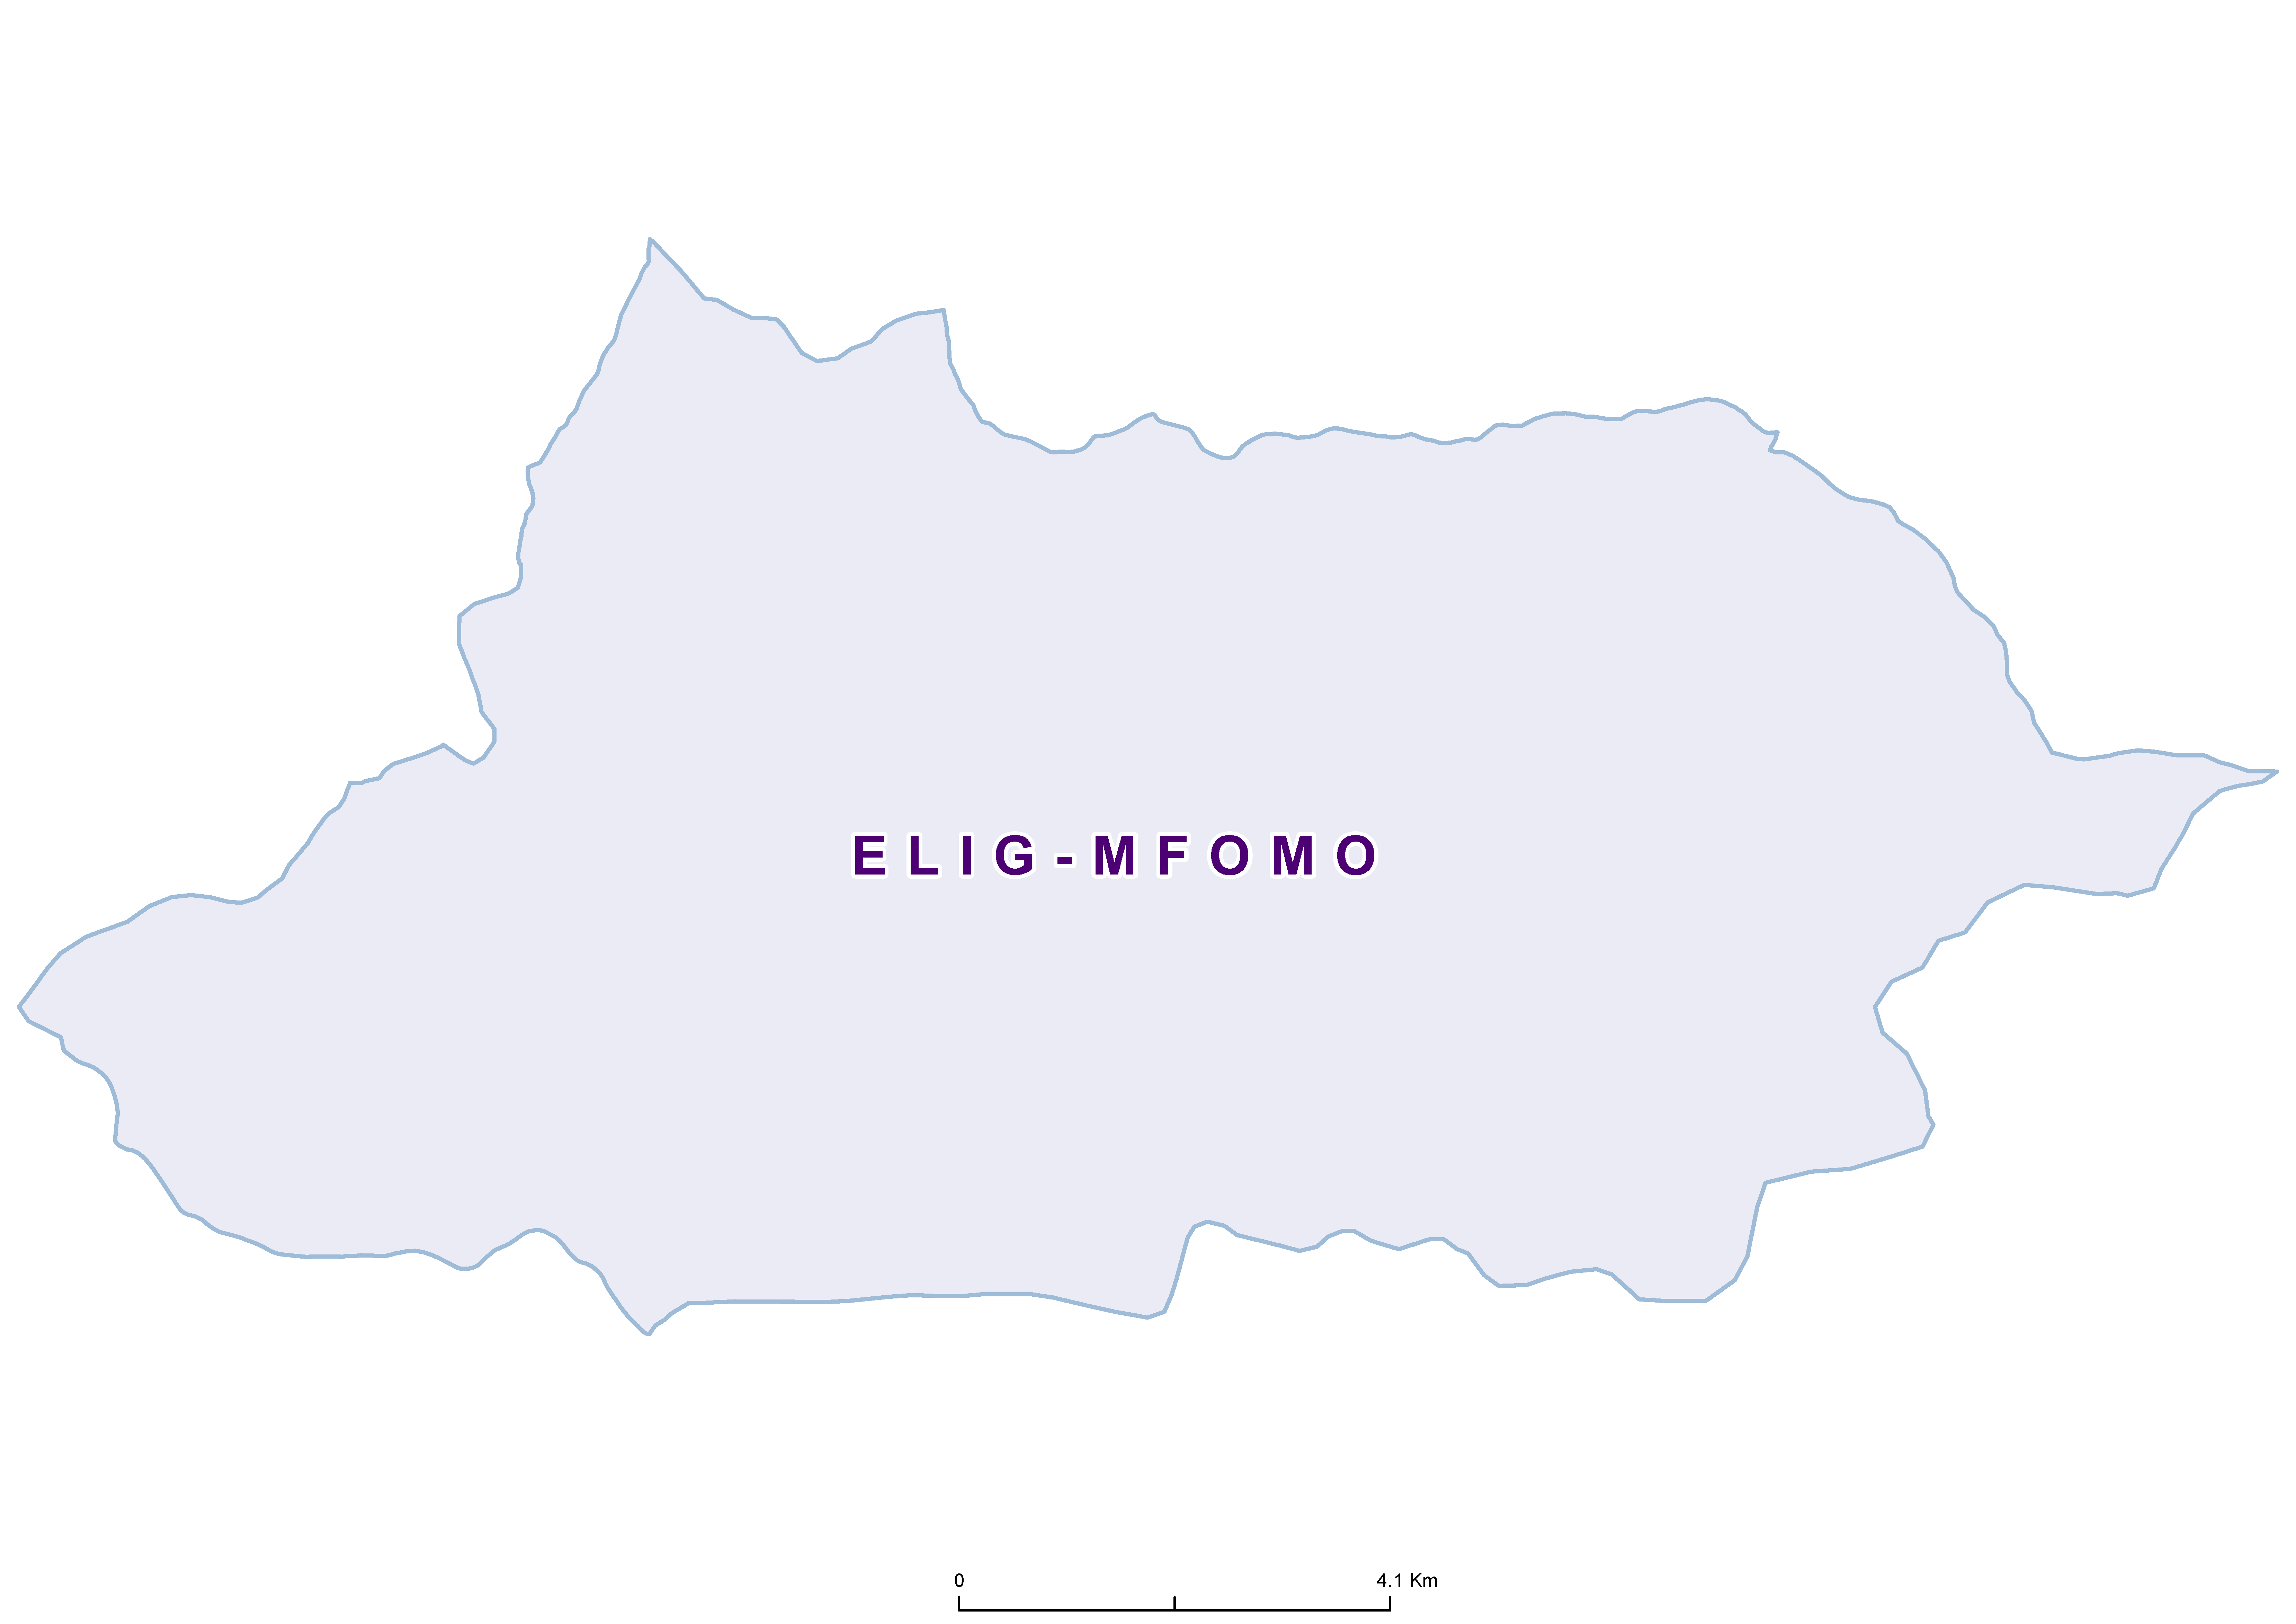 Elig-mfomo Max STH 20180001